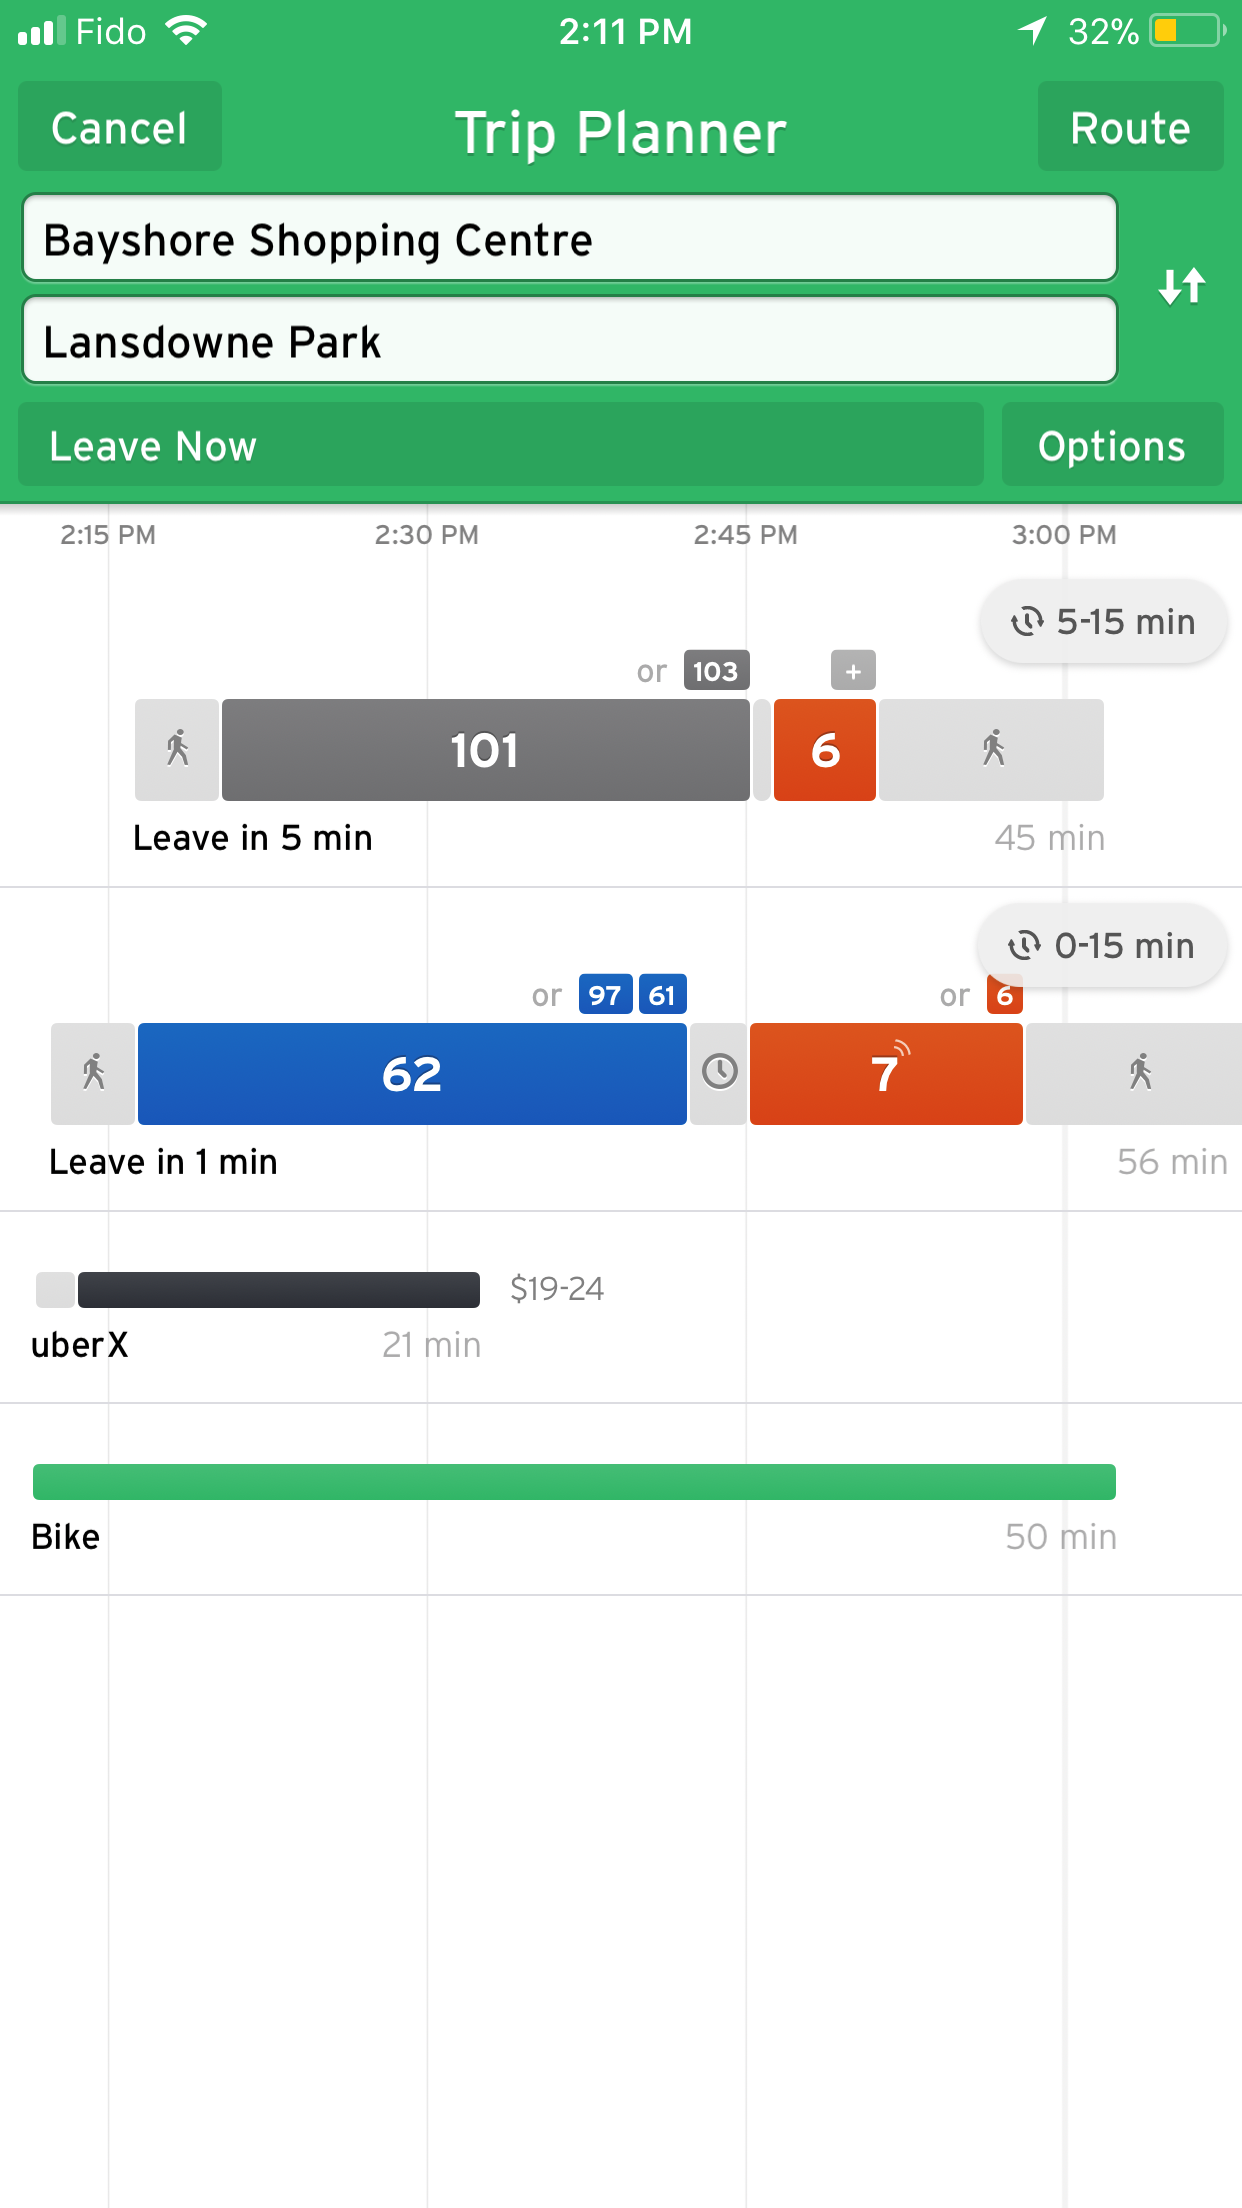 Transit App - Screenshot 2